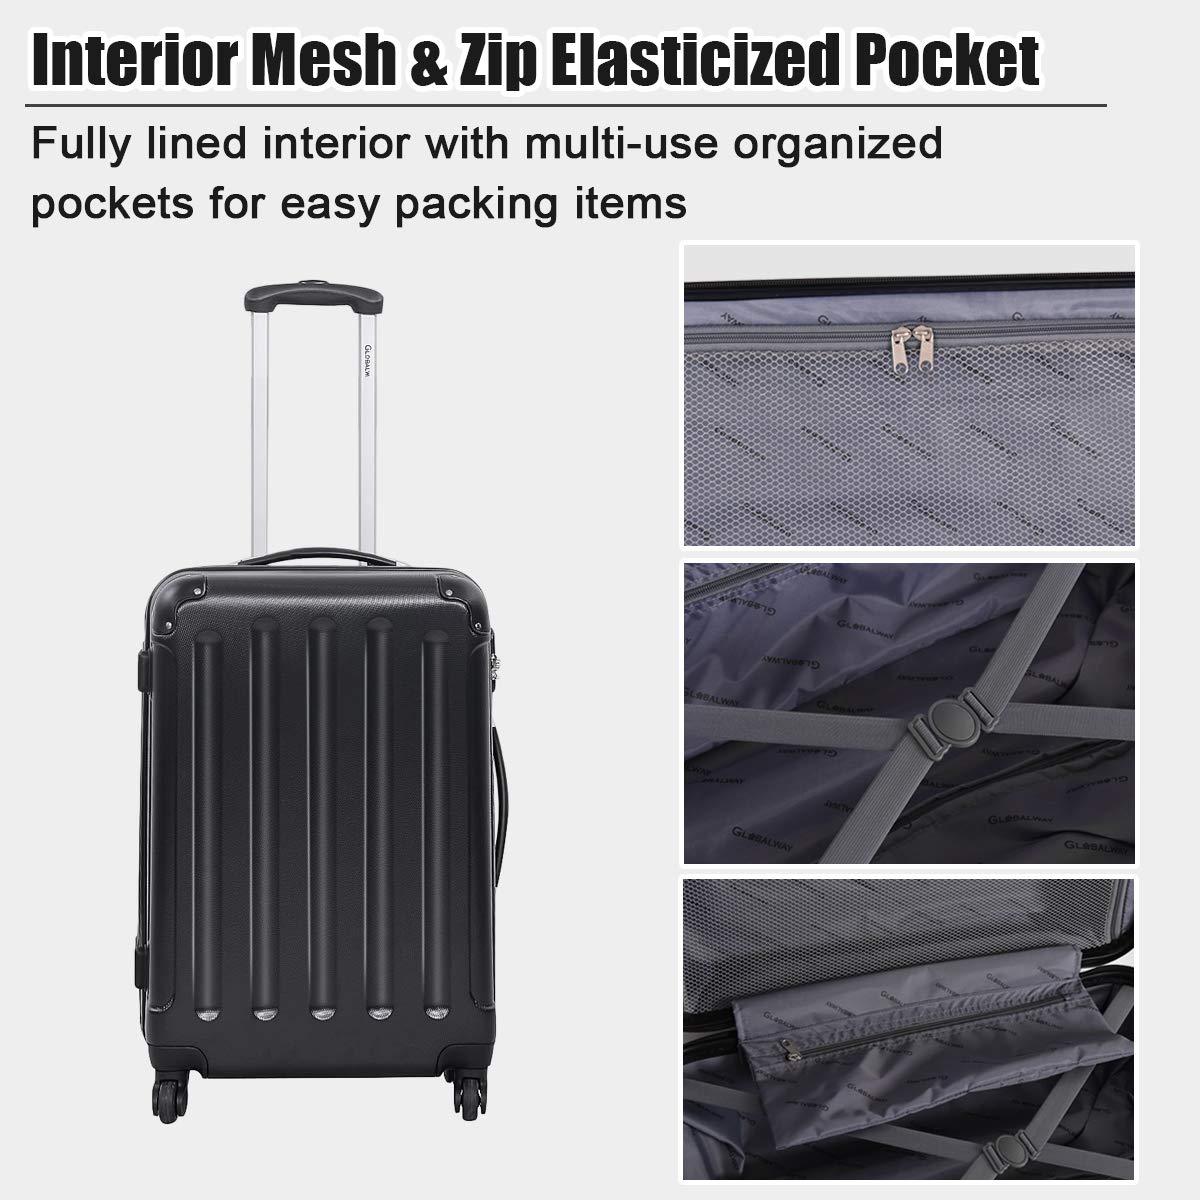 f521b6150 ... 3Pcs Luggage Set, Hardside Travel Rolling Suitcase, 20/24/28 Rolling  Luggage Upright, Hardshell Spinner Luggage Set with Telescoping Handle,  Coded Lock ...